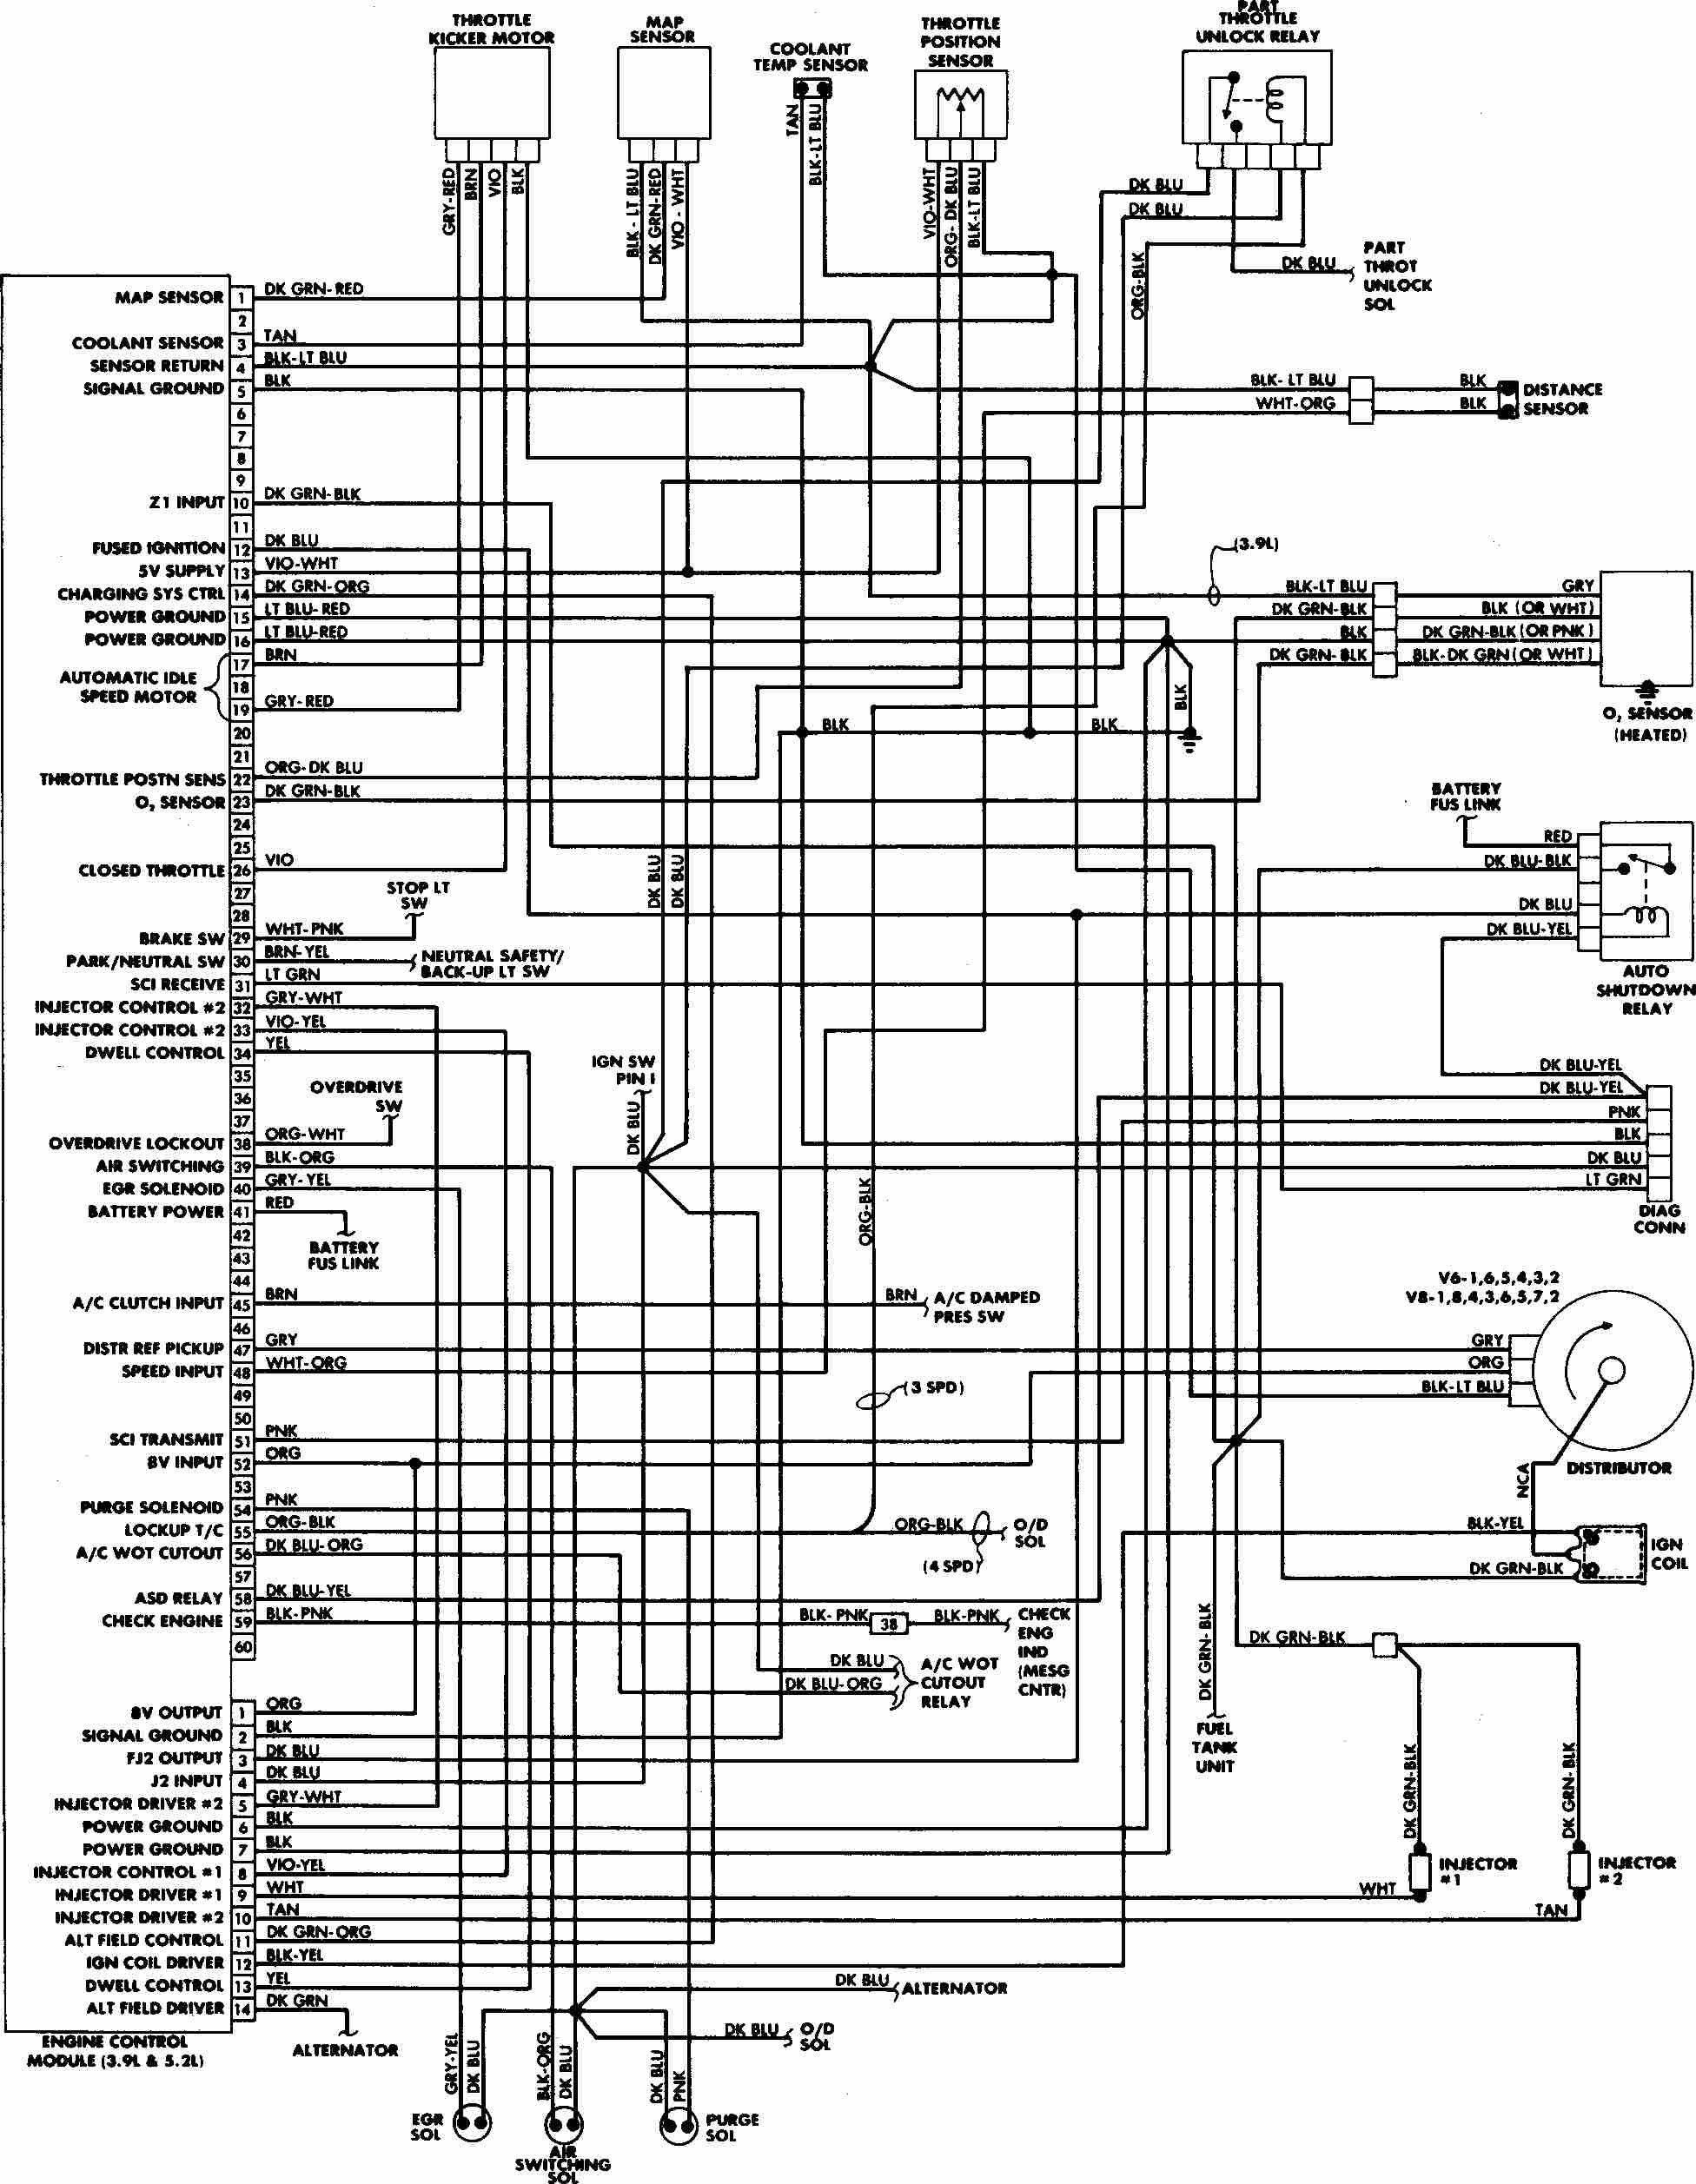 Unique Car Neon Wiring Diagram Diagram Diagramtemplate